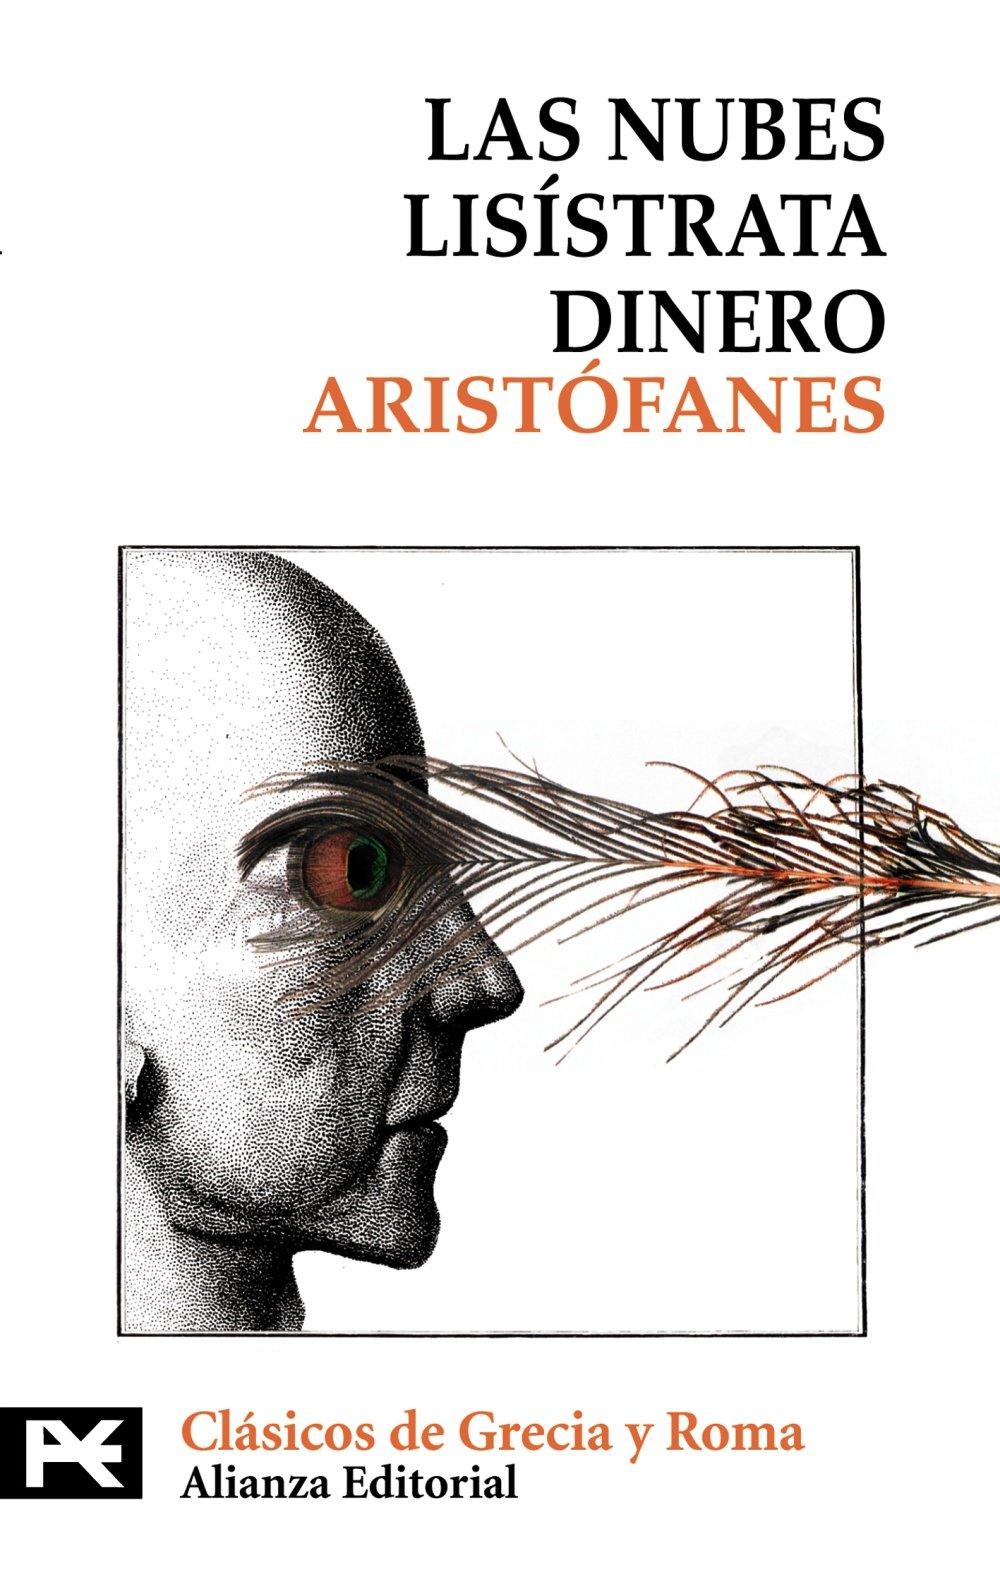 LAS NUBES ARISTOPHANES LIBRO PDF DOWNLOAD